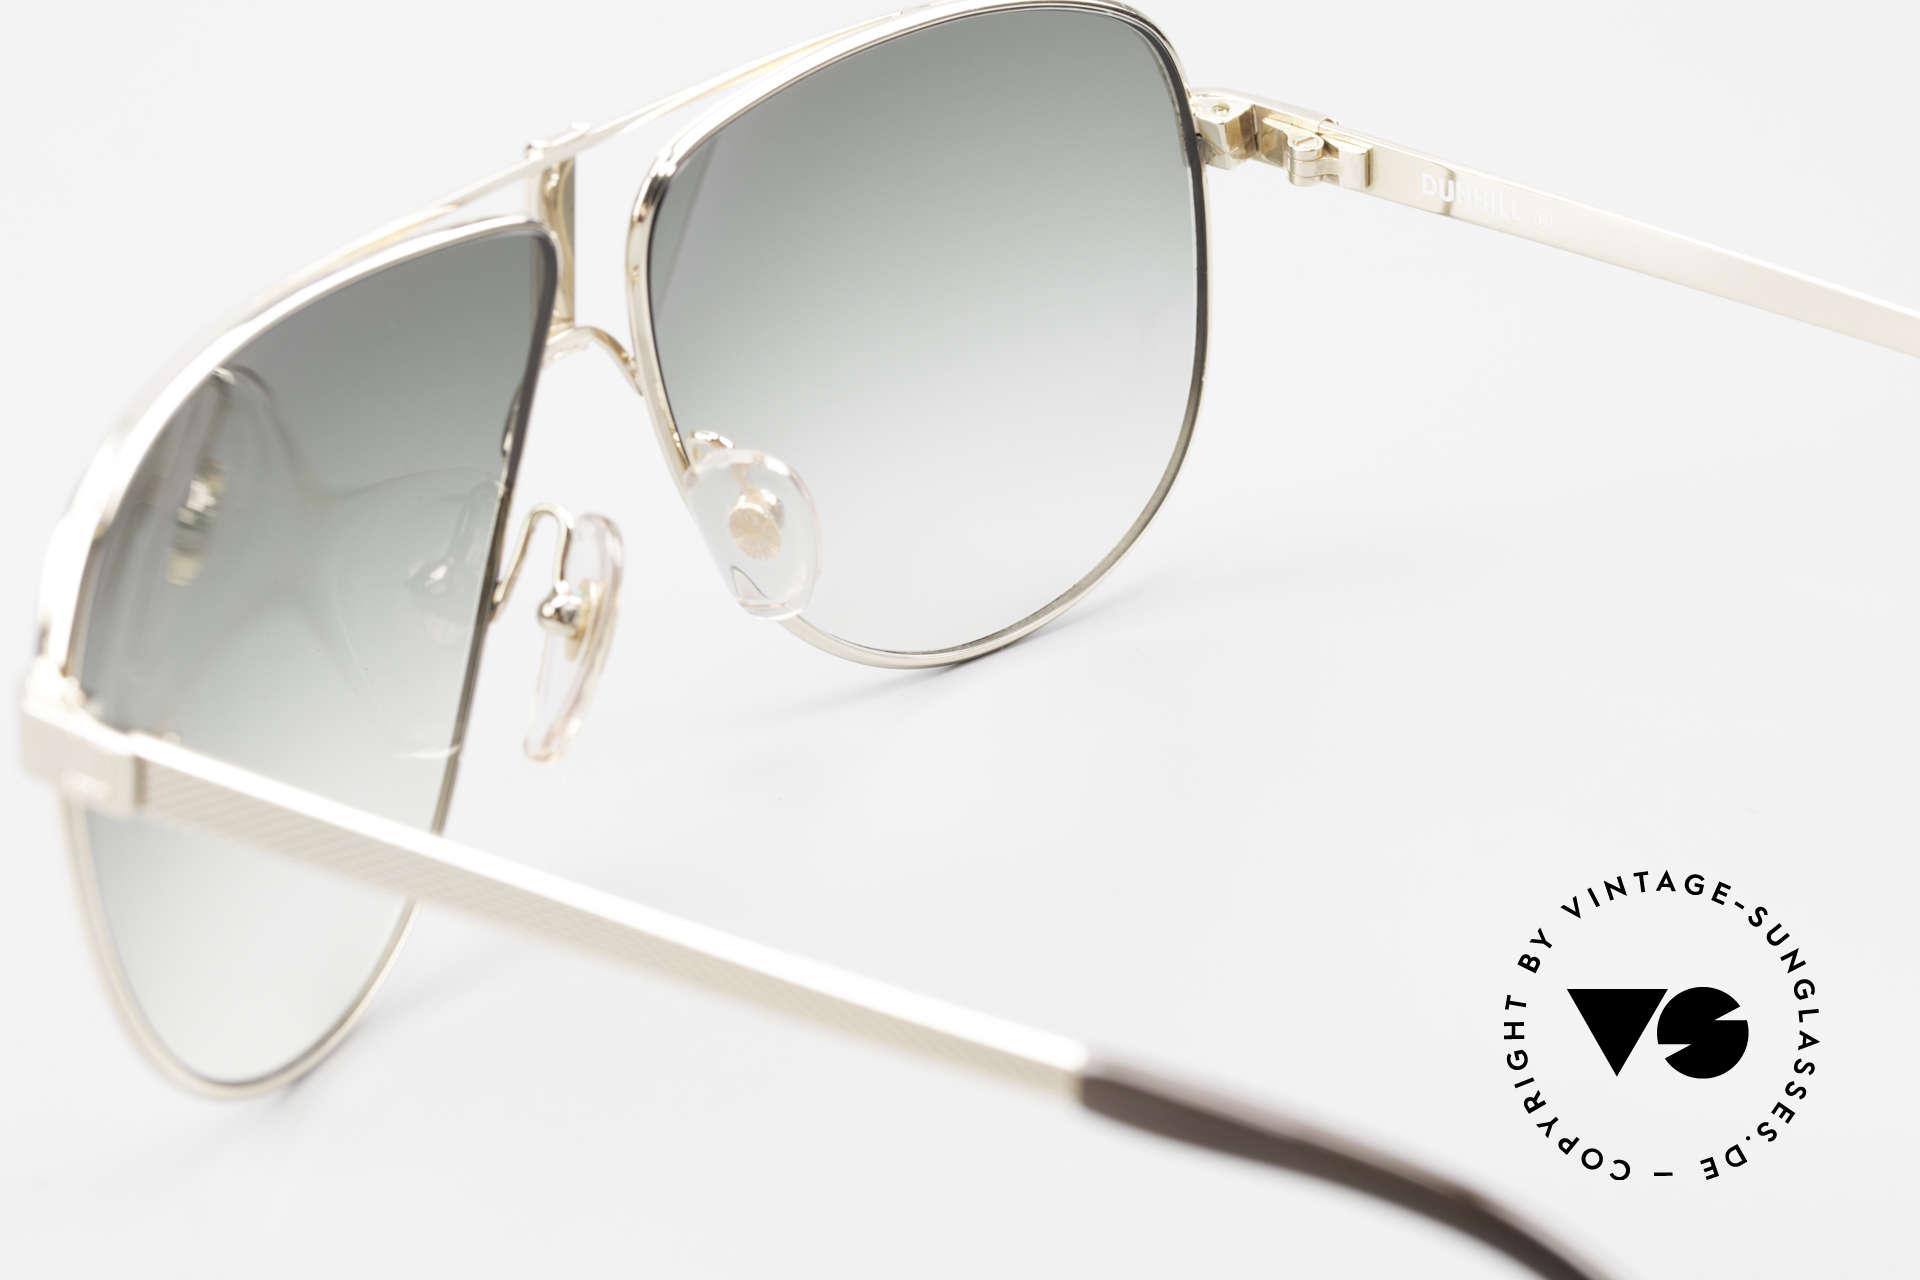 Dunhill 6043 Vergoldete Sonnenbrille 90er, ungetragenes, altes Original von 1990 (KEIN RETRO!), Passend für Herren